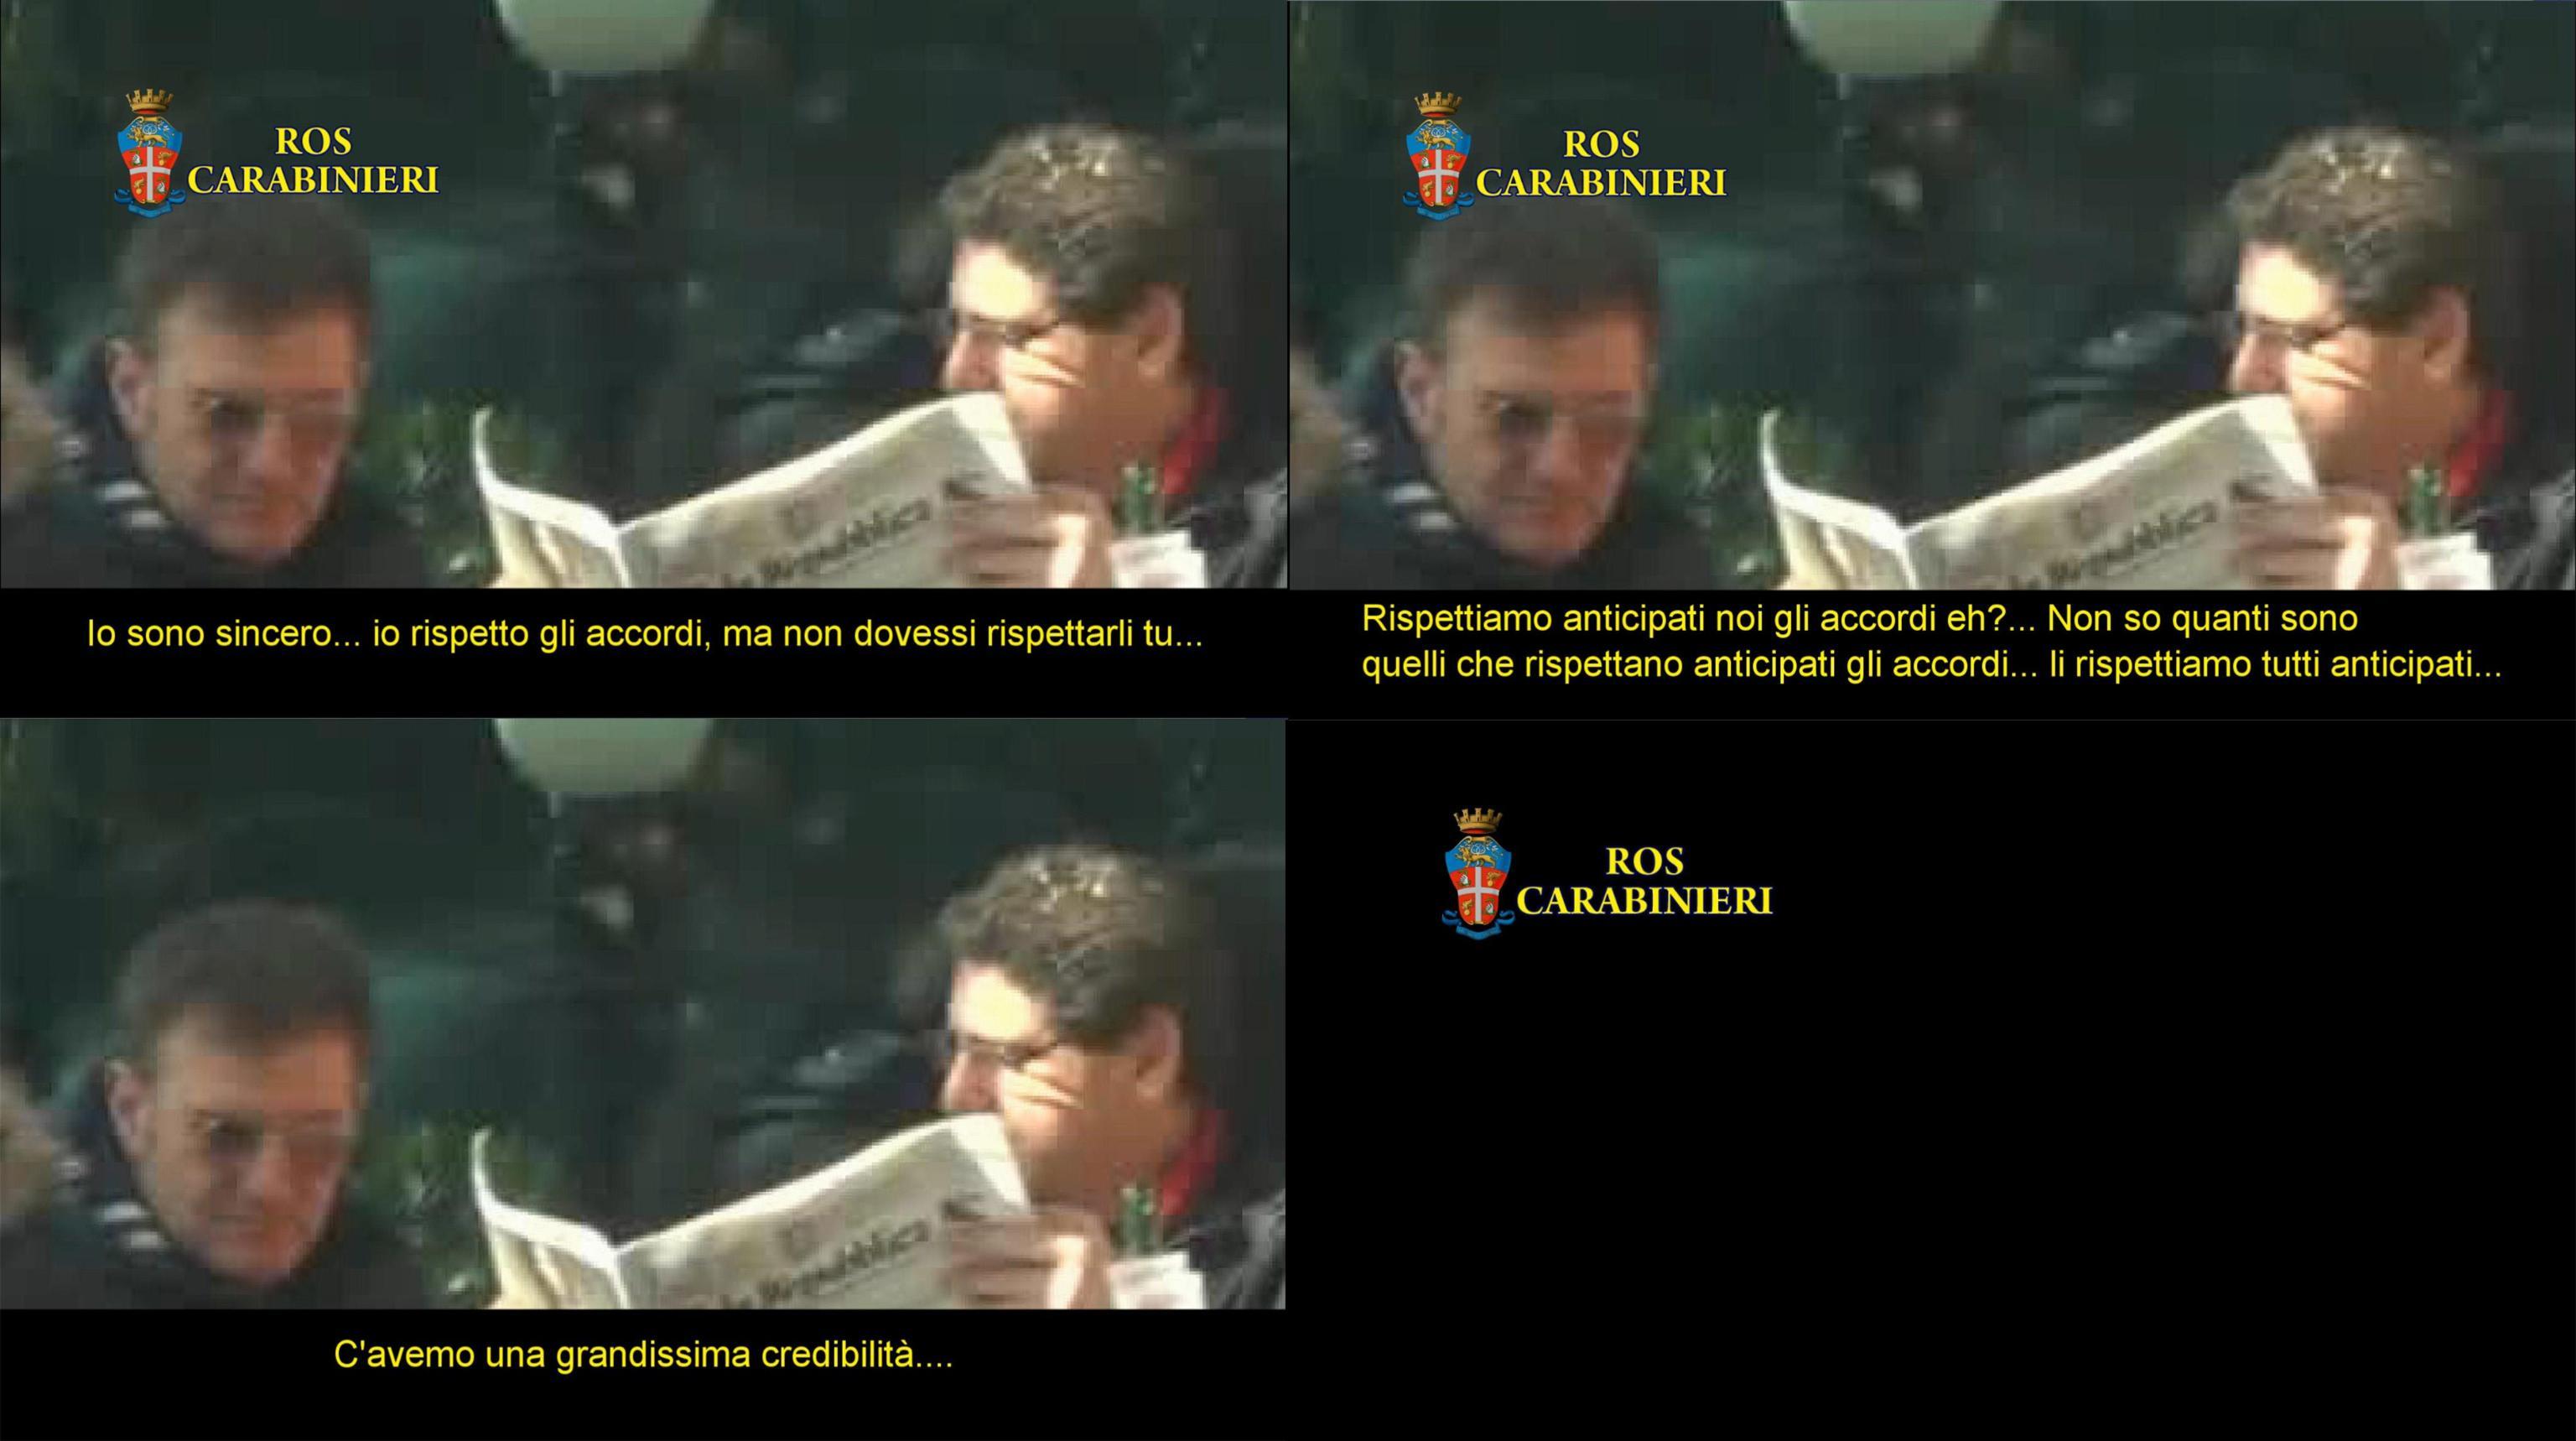 Mafia capitale buzzi a carminati consiglieri devono stare a nostri ordini 02 blitz quotidiano - Finestre pensione 2015 ...